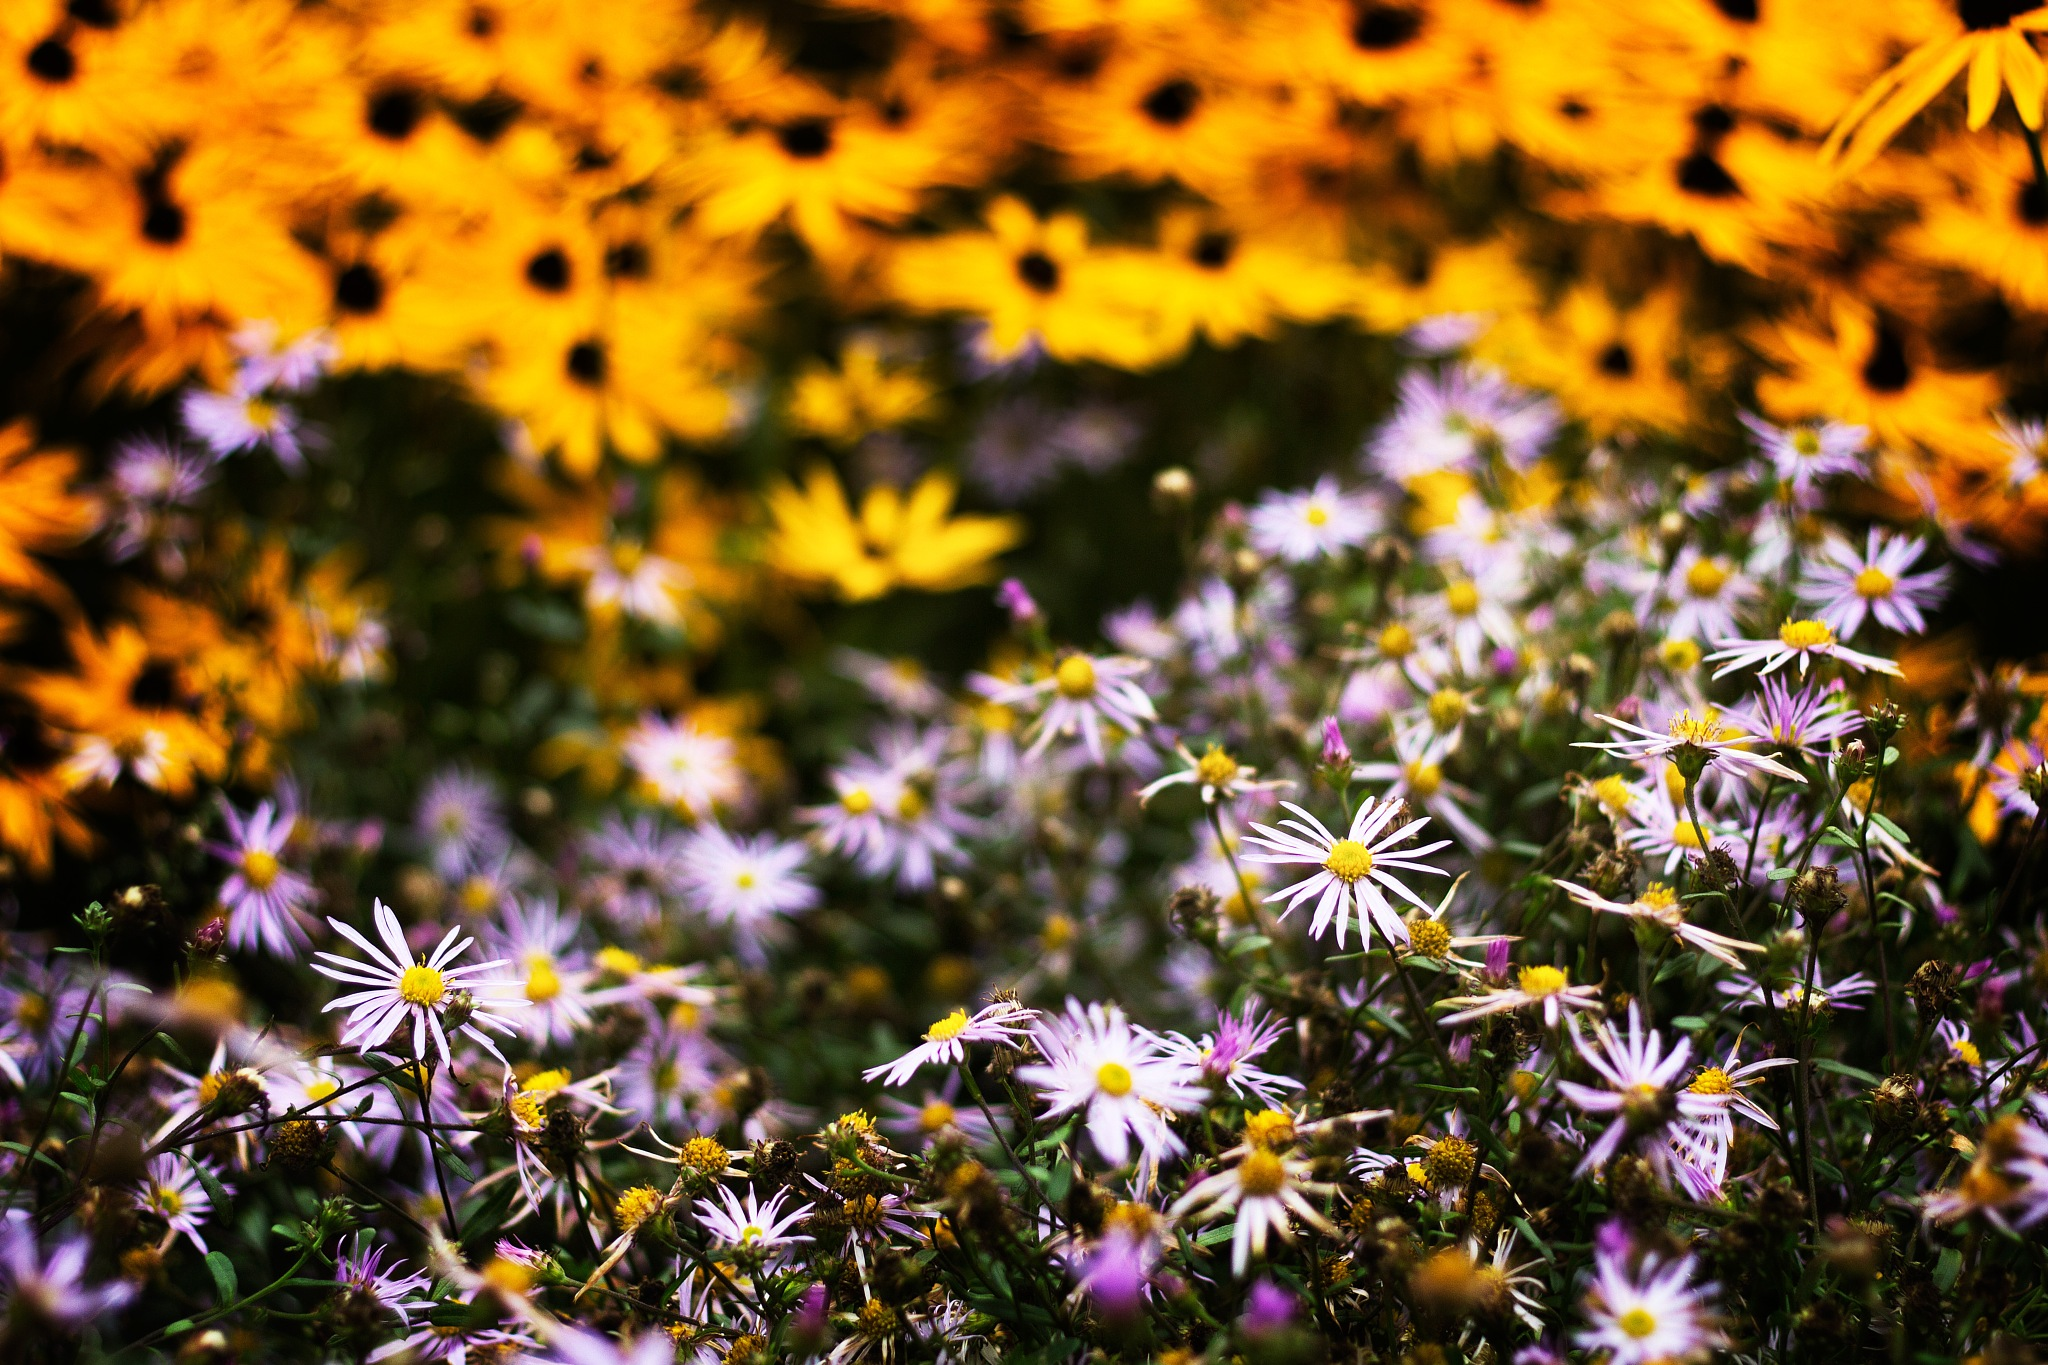 Autumn flowerbed by Håkan Arnbert